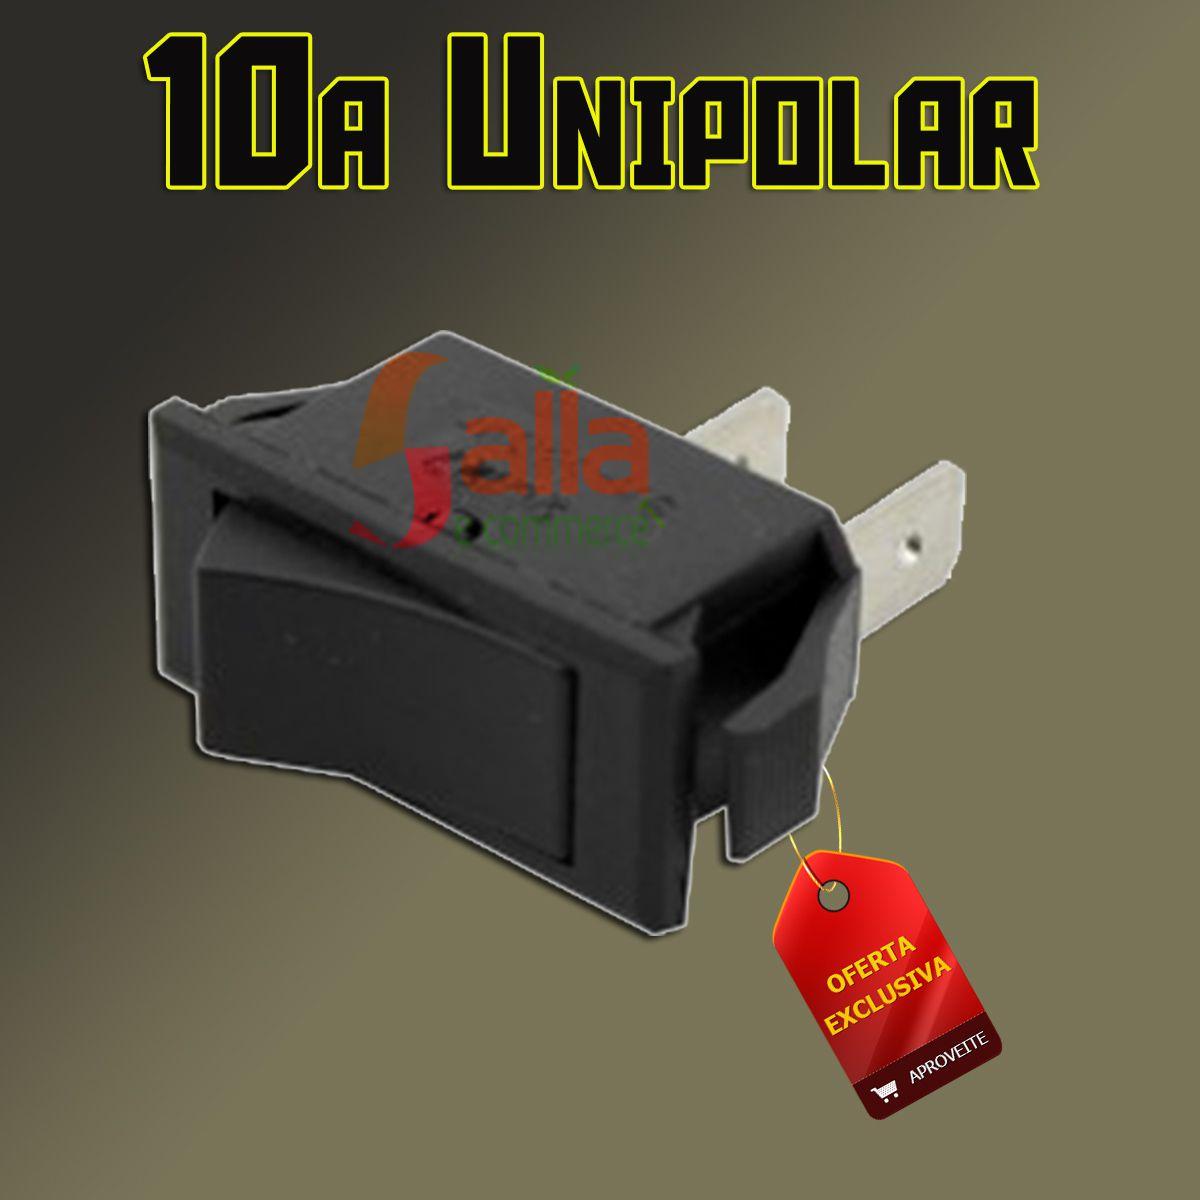 Chave Botão Interruptor Unipolar 10A 250 Vca Tecla Preta Liga / Desliga Margirius 20123 M1FT2FE3Q-CB